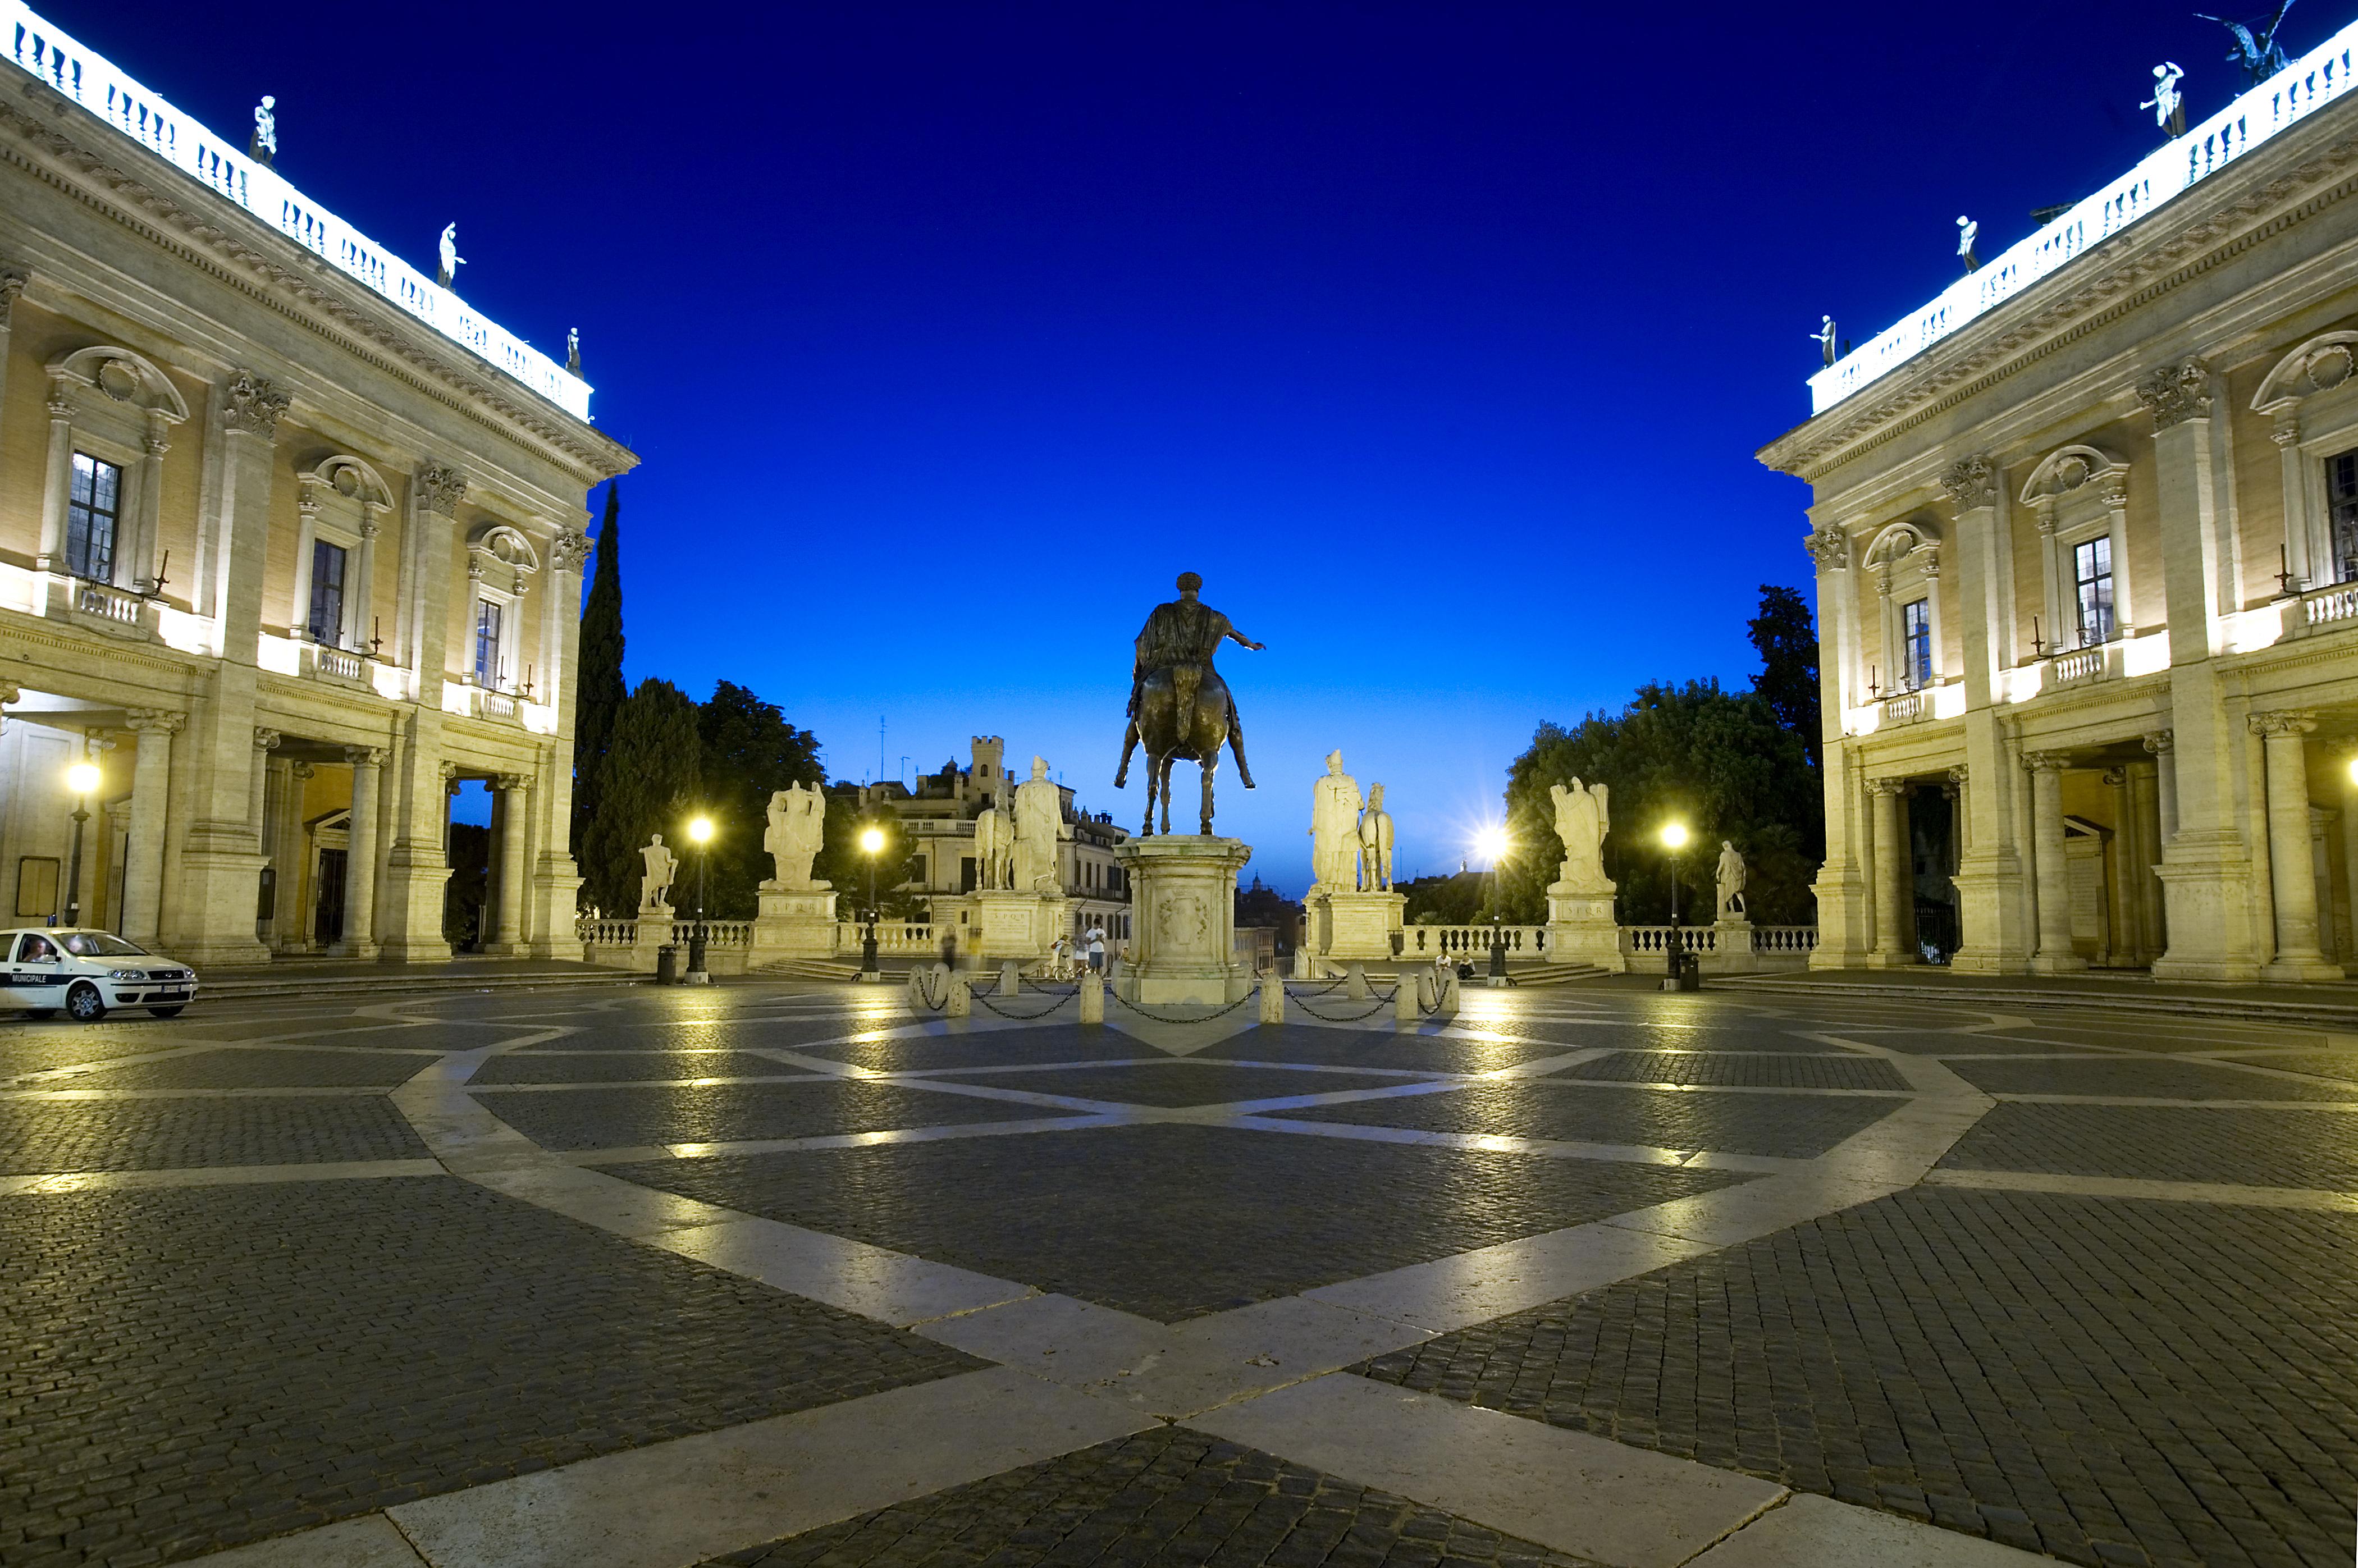 File:Piazza Del Campidoglio, Rome   2522 Pictures Gallery